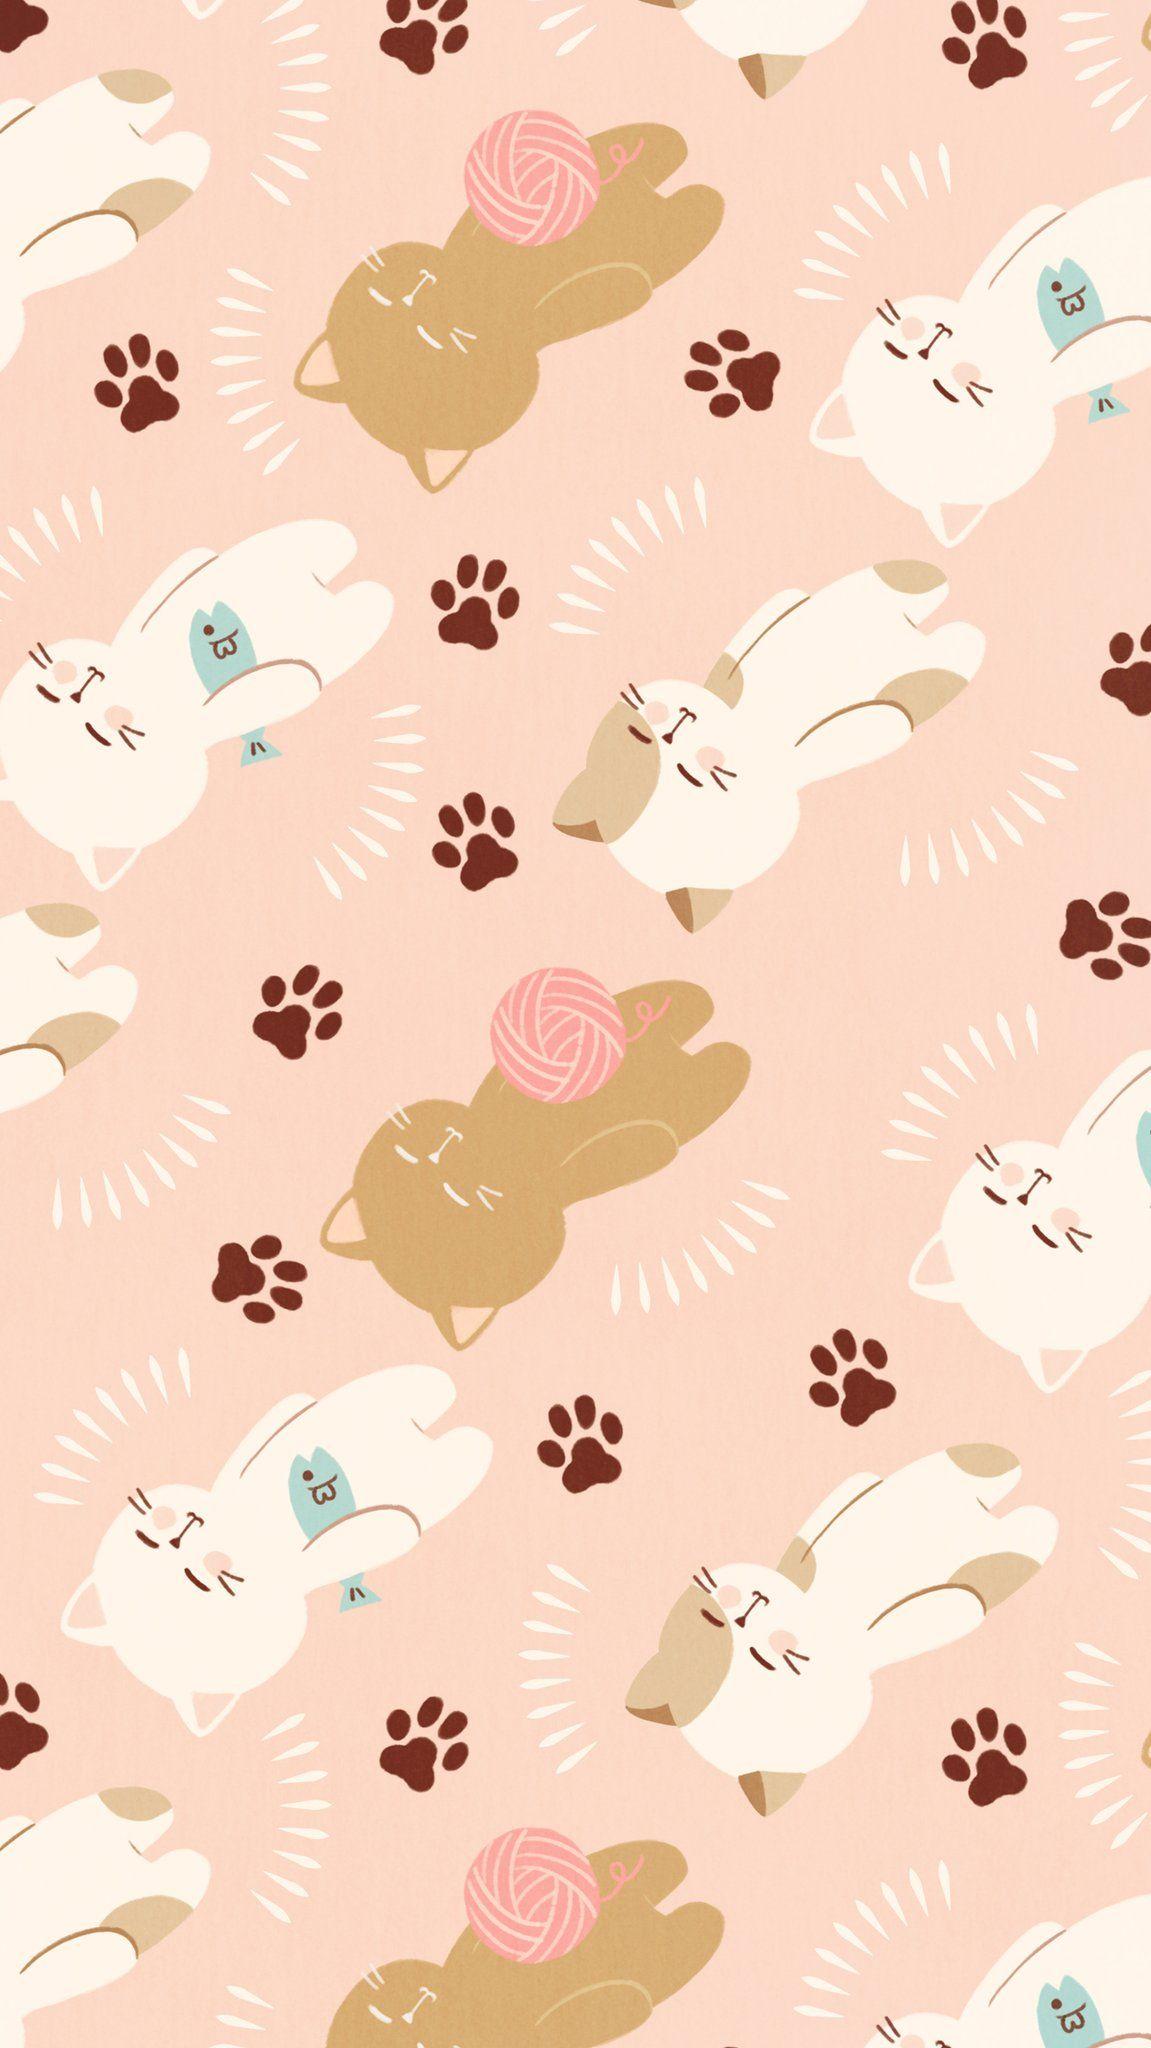 Omiyu みゆき In Cat Phone Wallpaper Cellphone Wallpaper Cute Wallpapers